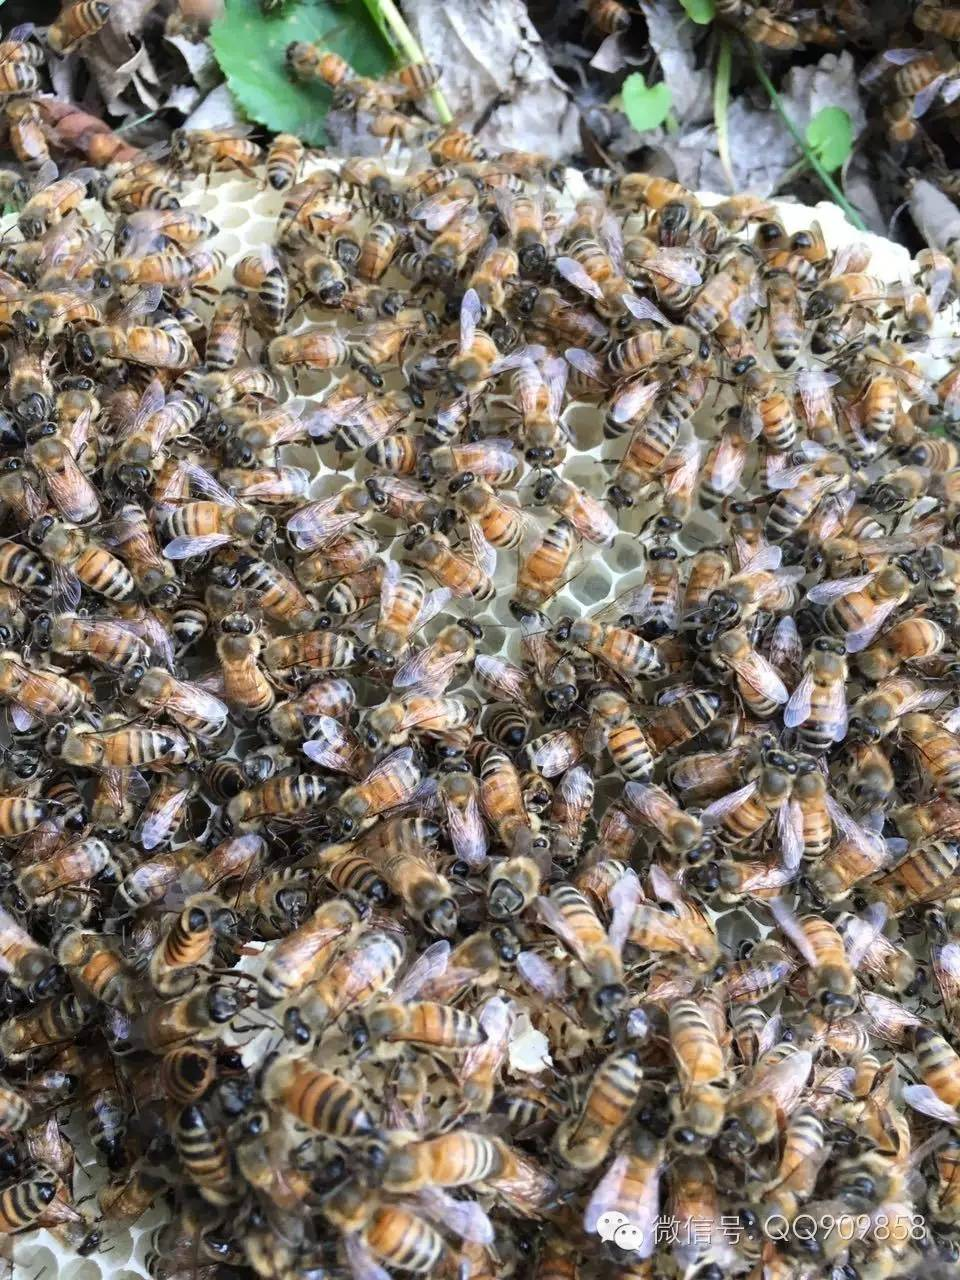 假蜂蜜 蜂蜜浓缩设备 来源 蜂蜜加工厂 柠檬蜂蜜茶